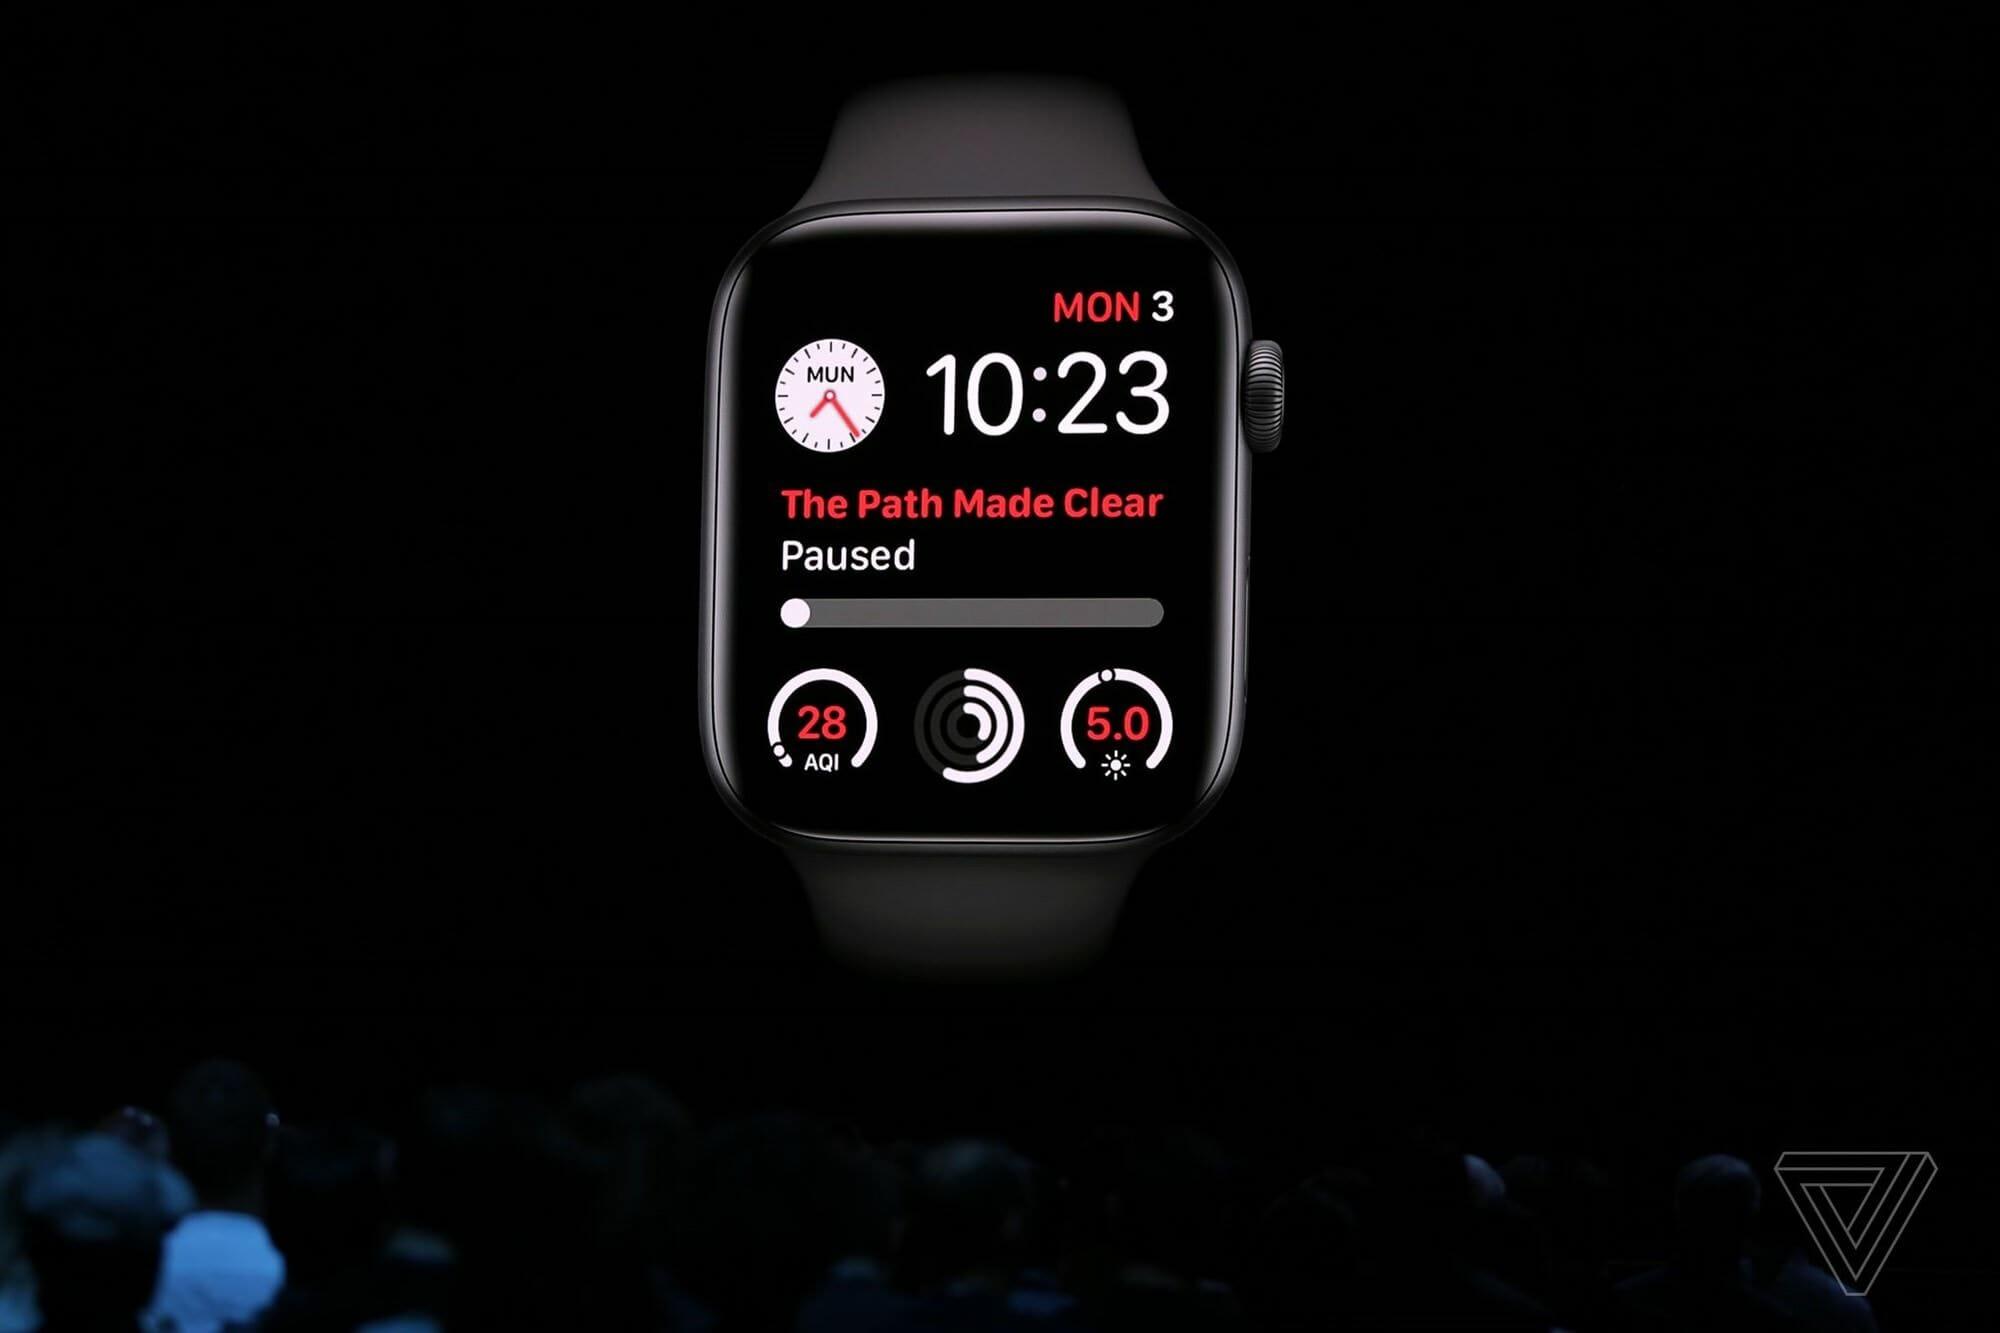 สรุปงาน Apple WWDC2019 (พาร์ท 1) watchOS ลงแอปแยกได้ iOS13 เสริมฟีเจอร์ด้านความปลอดภัยและ iPadOS - สรุปงาน Apple WWDC2019 (พาร์ท 1) watchOS ลงแอปแยกได้ iOS13 เสริมฟีเจอร์ด้านความปลอดภัยและ iPadOS